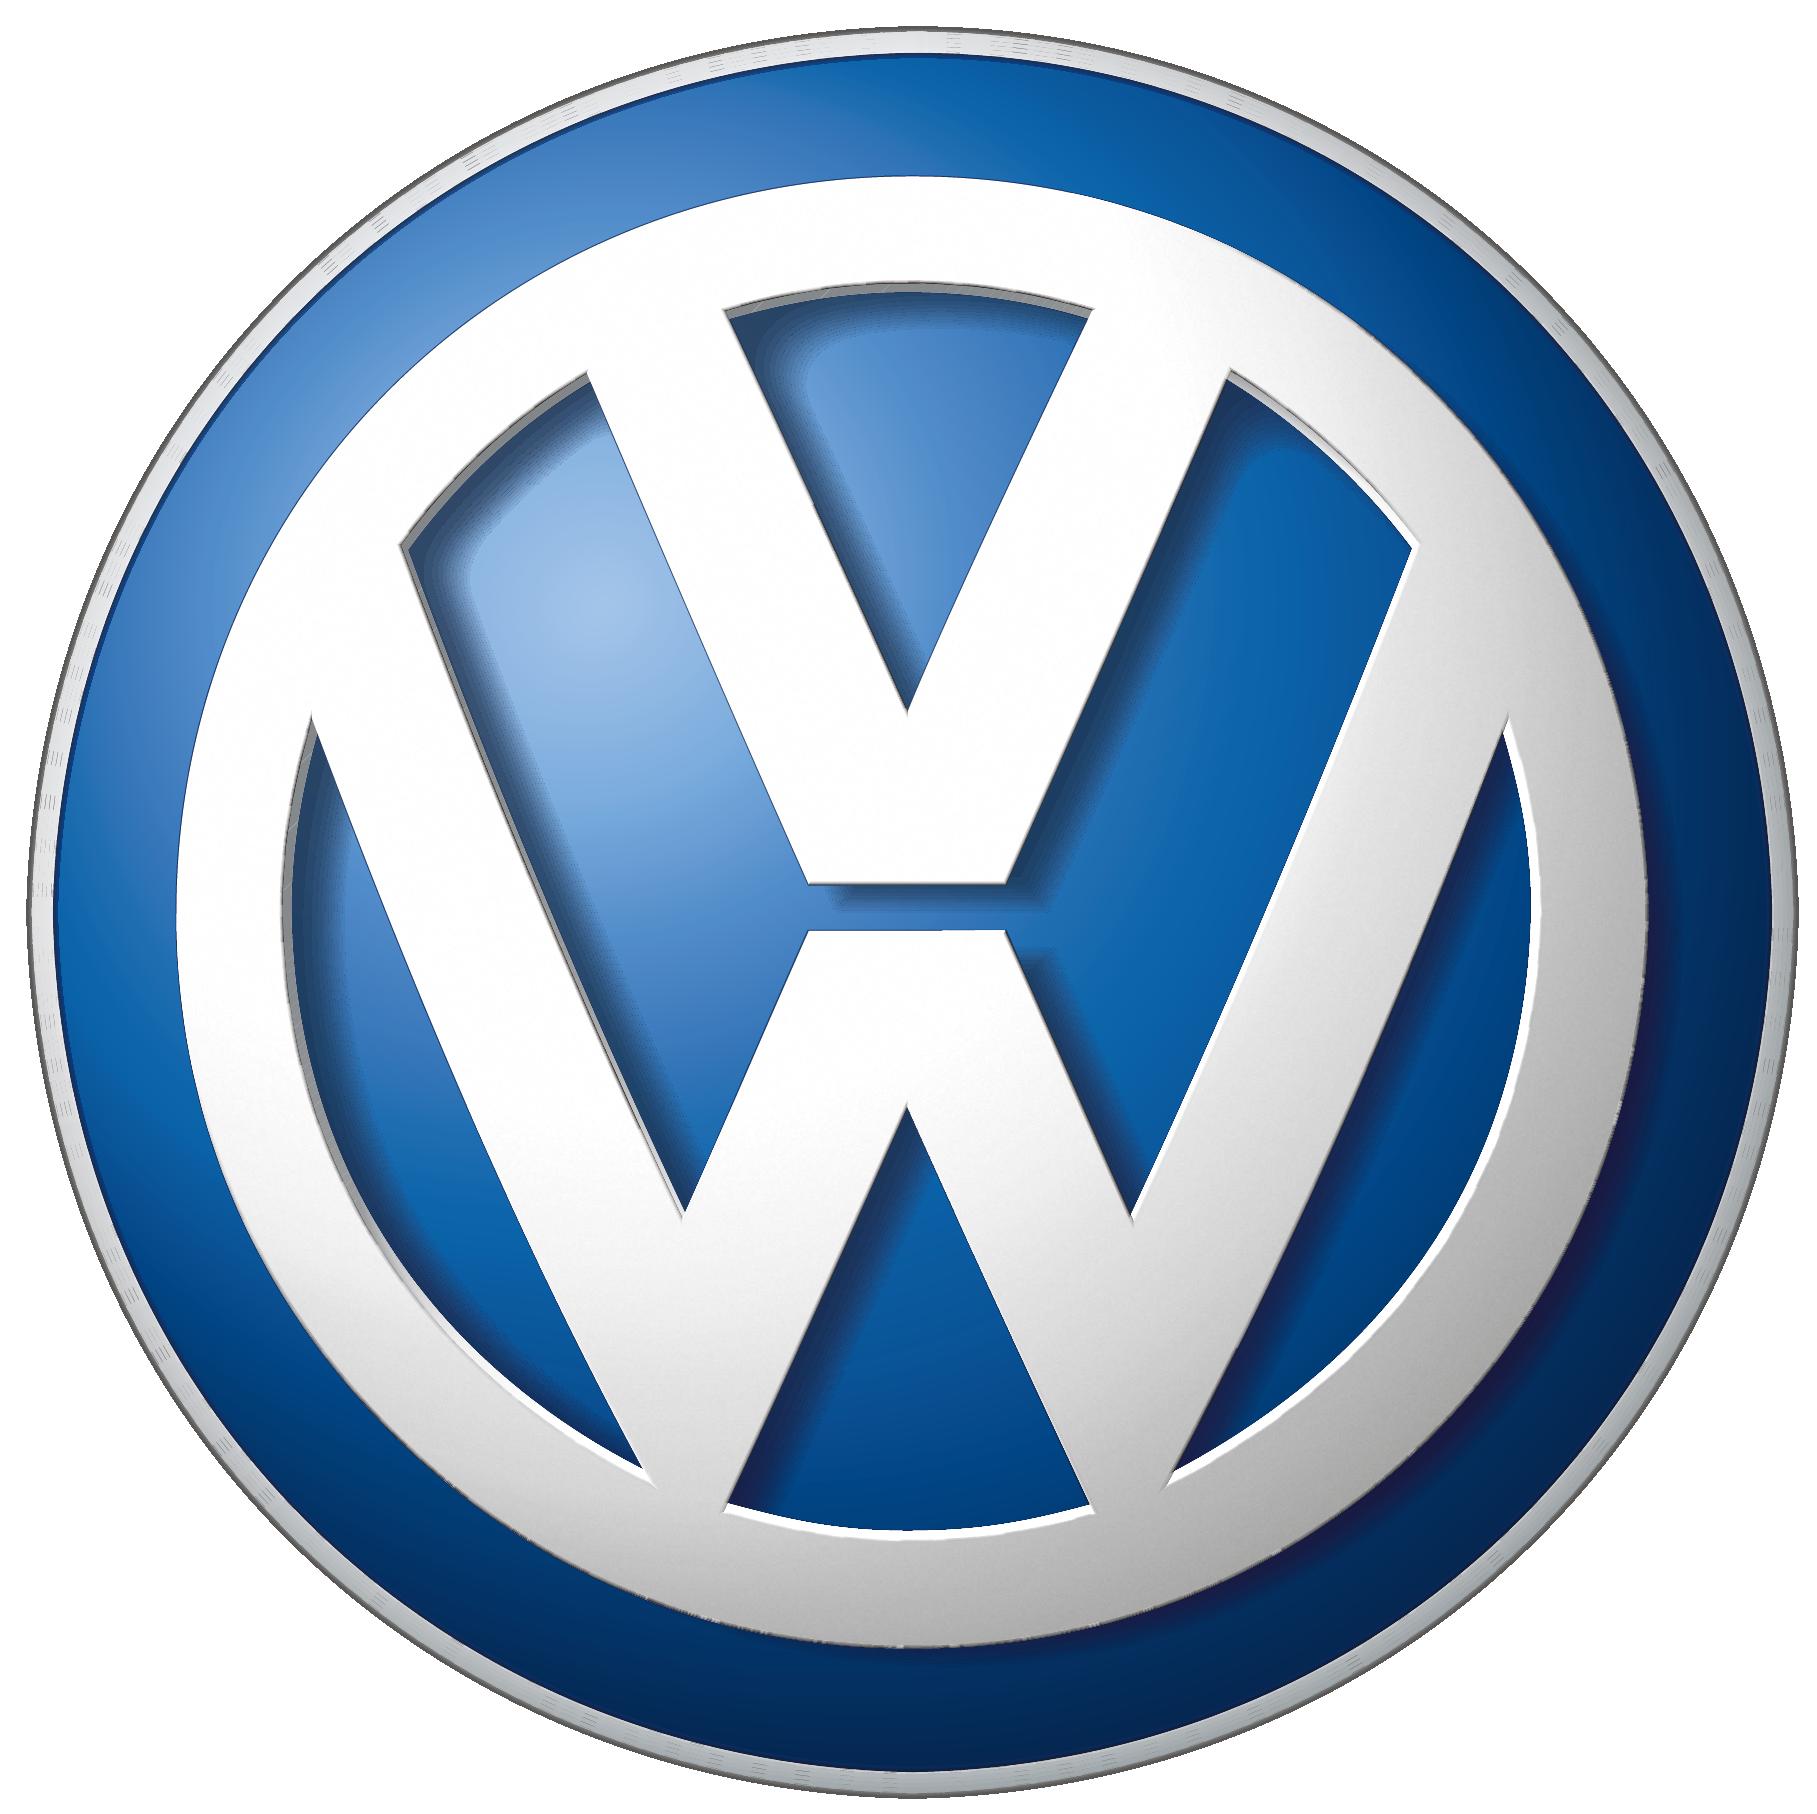 Volkswagen Car Logo PNG Image